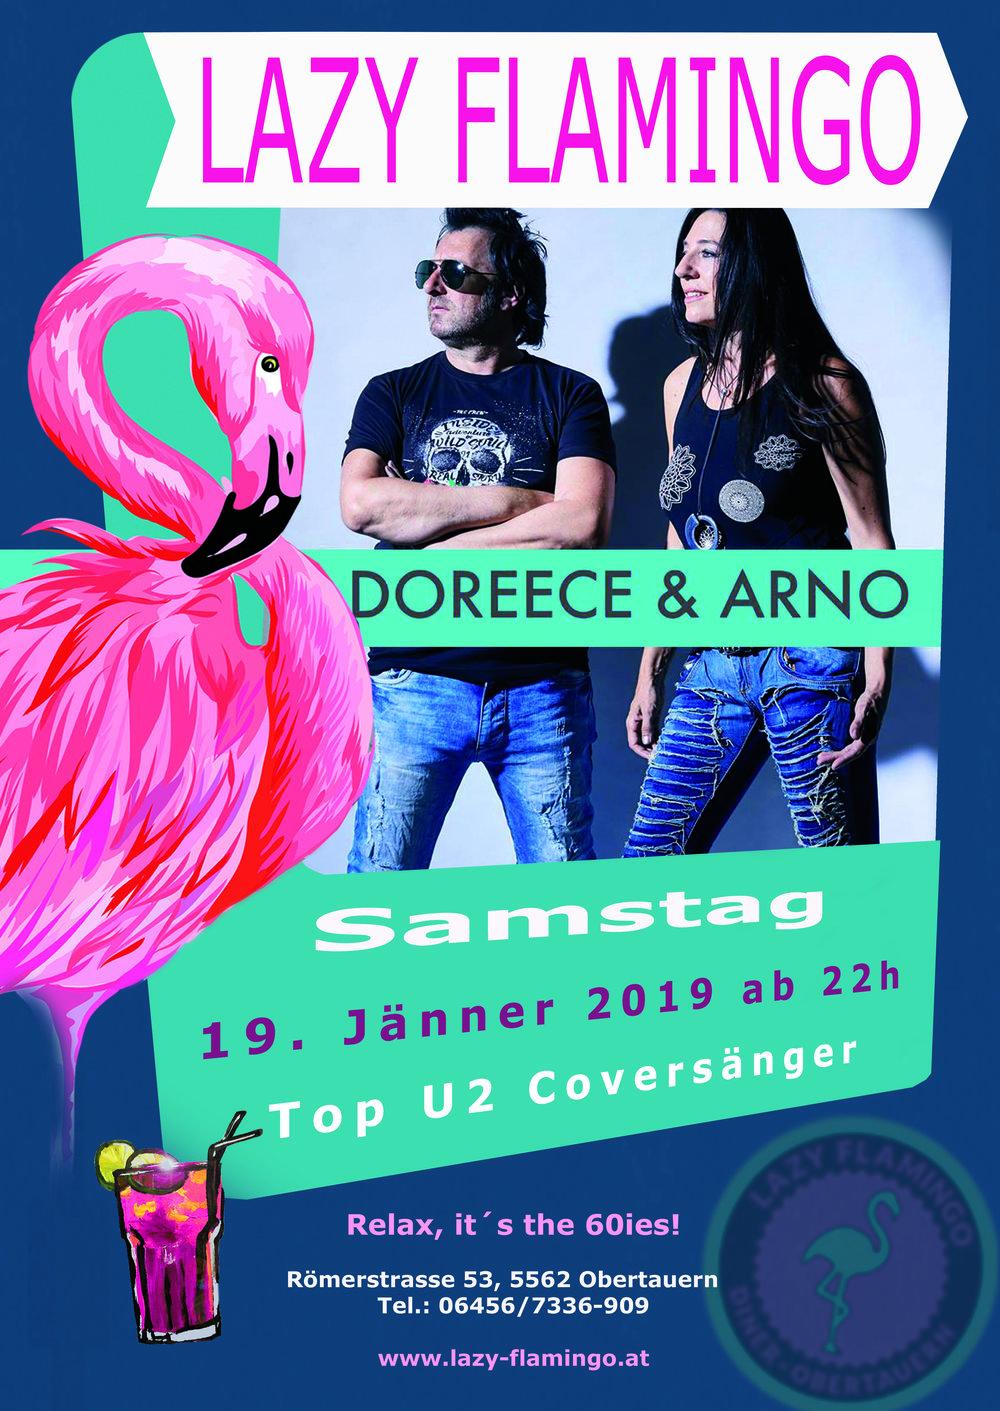 Lazy Flamingo - Doreece & Arno - 19. Jänner 2019.jpg